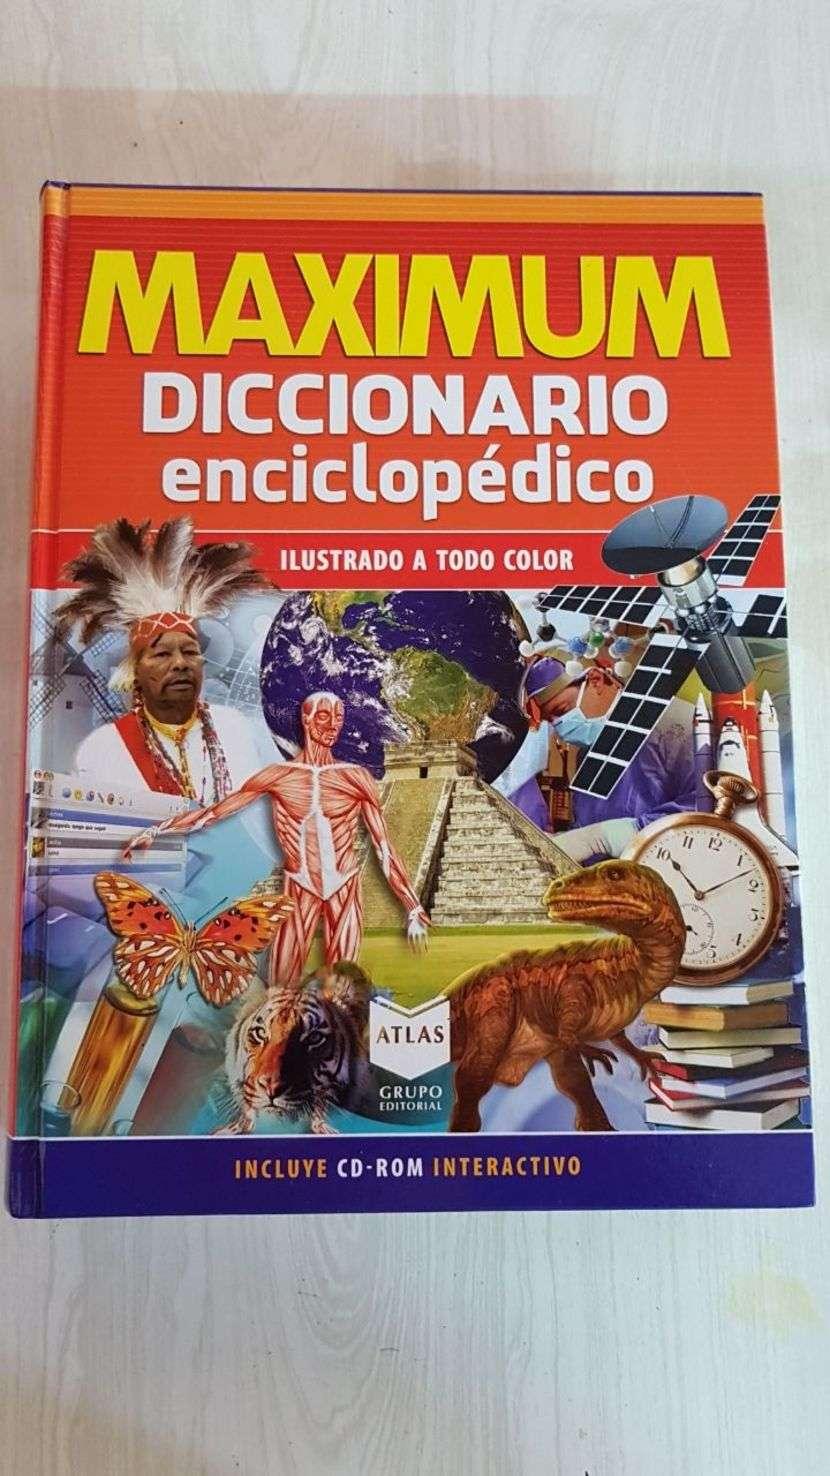 Diccionario enciclopédico Maximum - 0